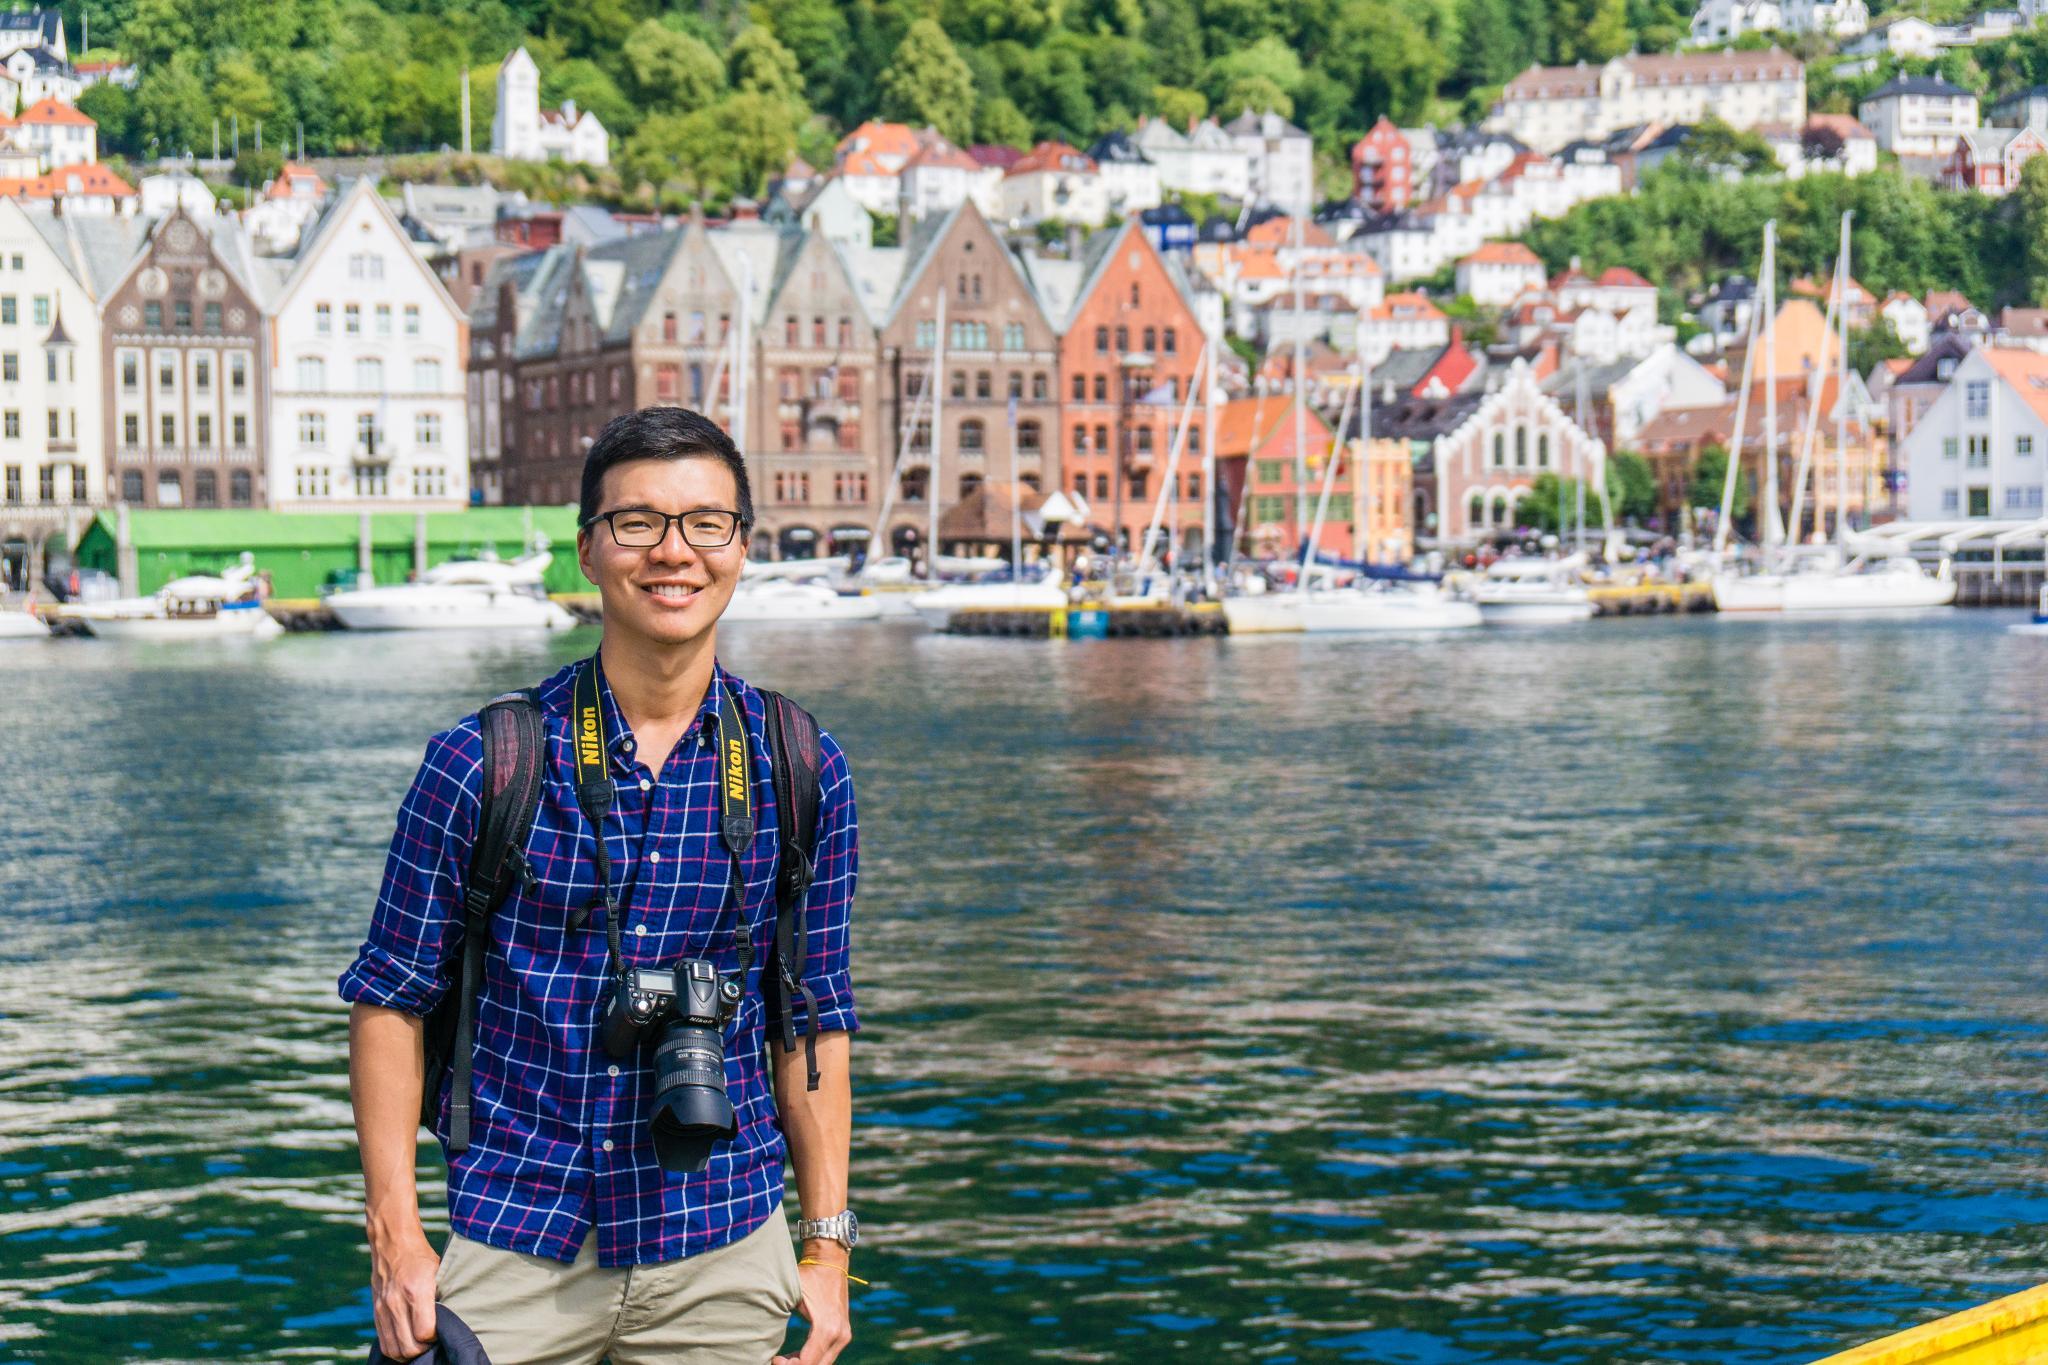 【卑爾根】Bryggen 世界遺產布呂根 — 迷失在百年歷史的挪威彩色木屋 37